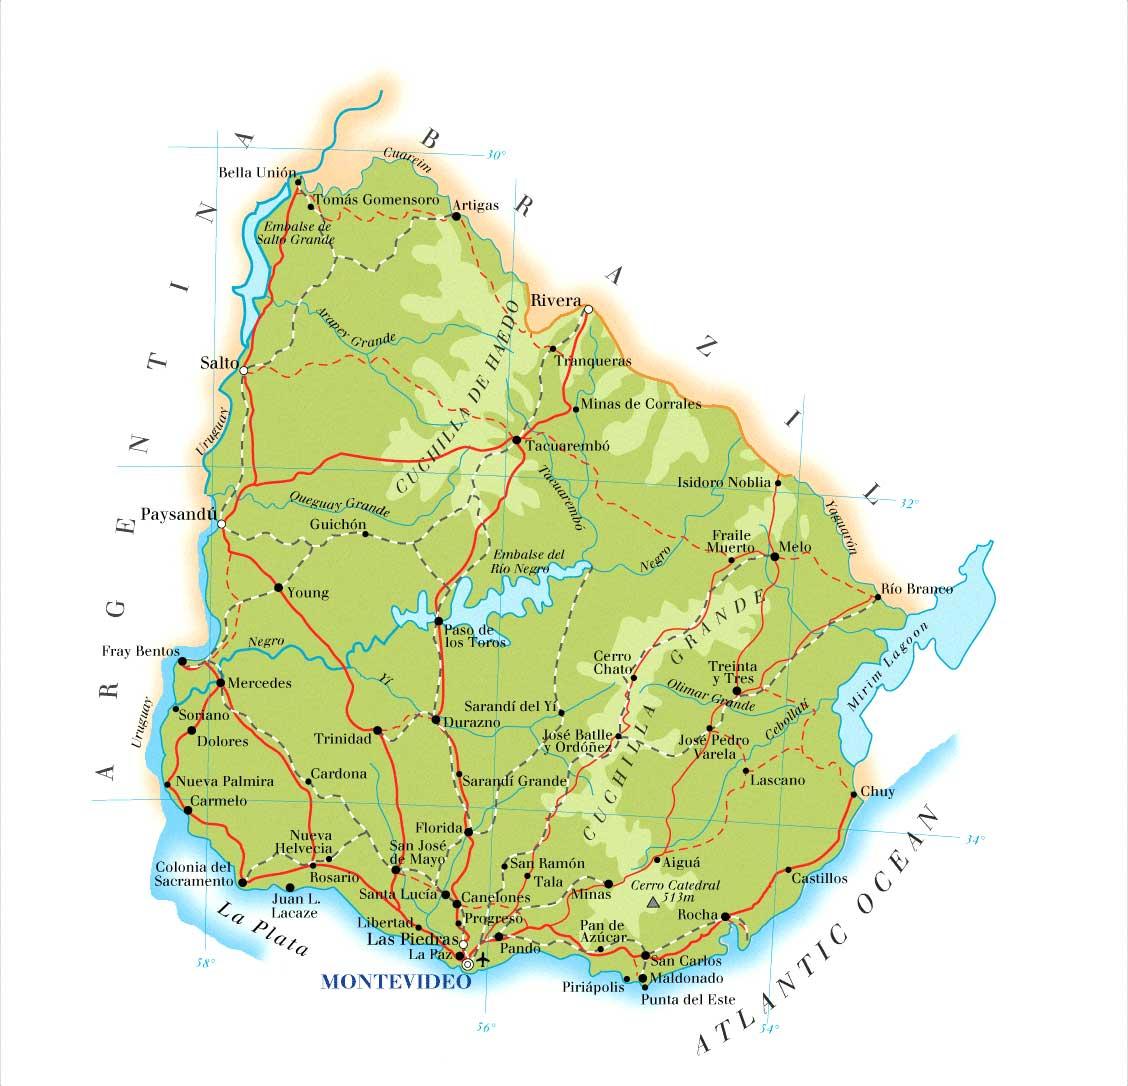 Uruguai, Mapas Geográficos do Uruguai